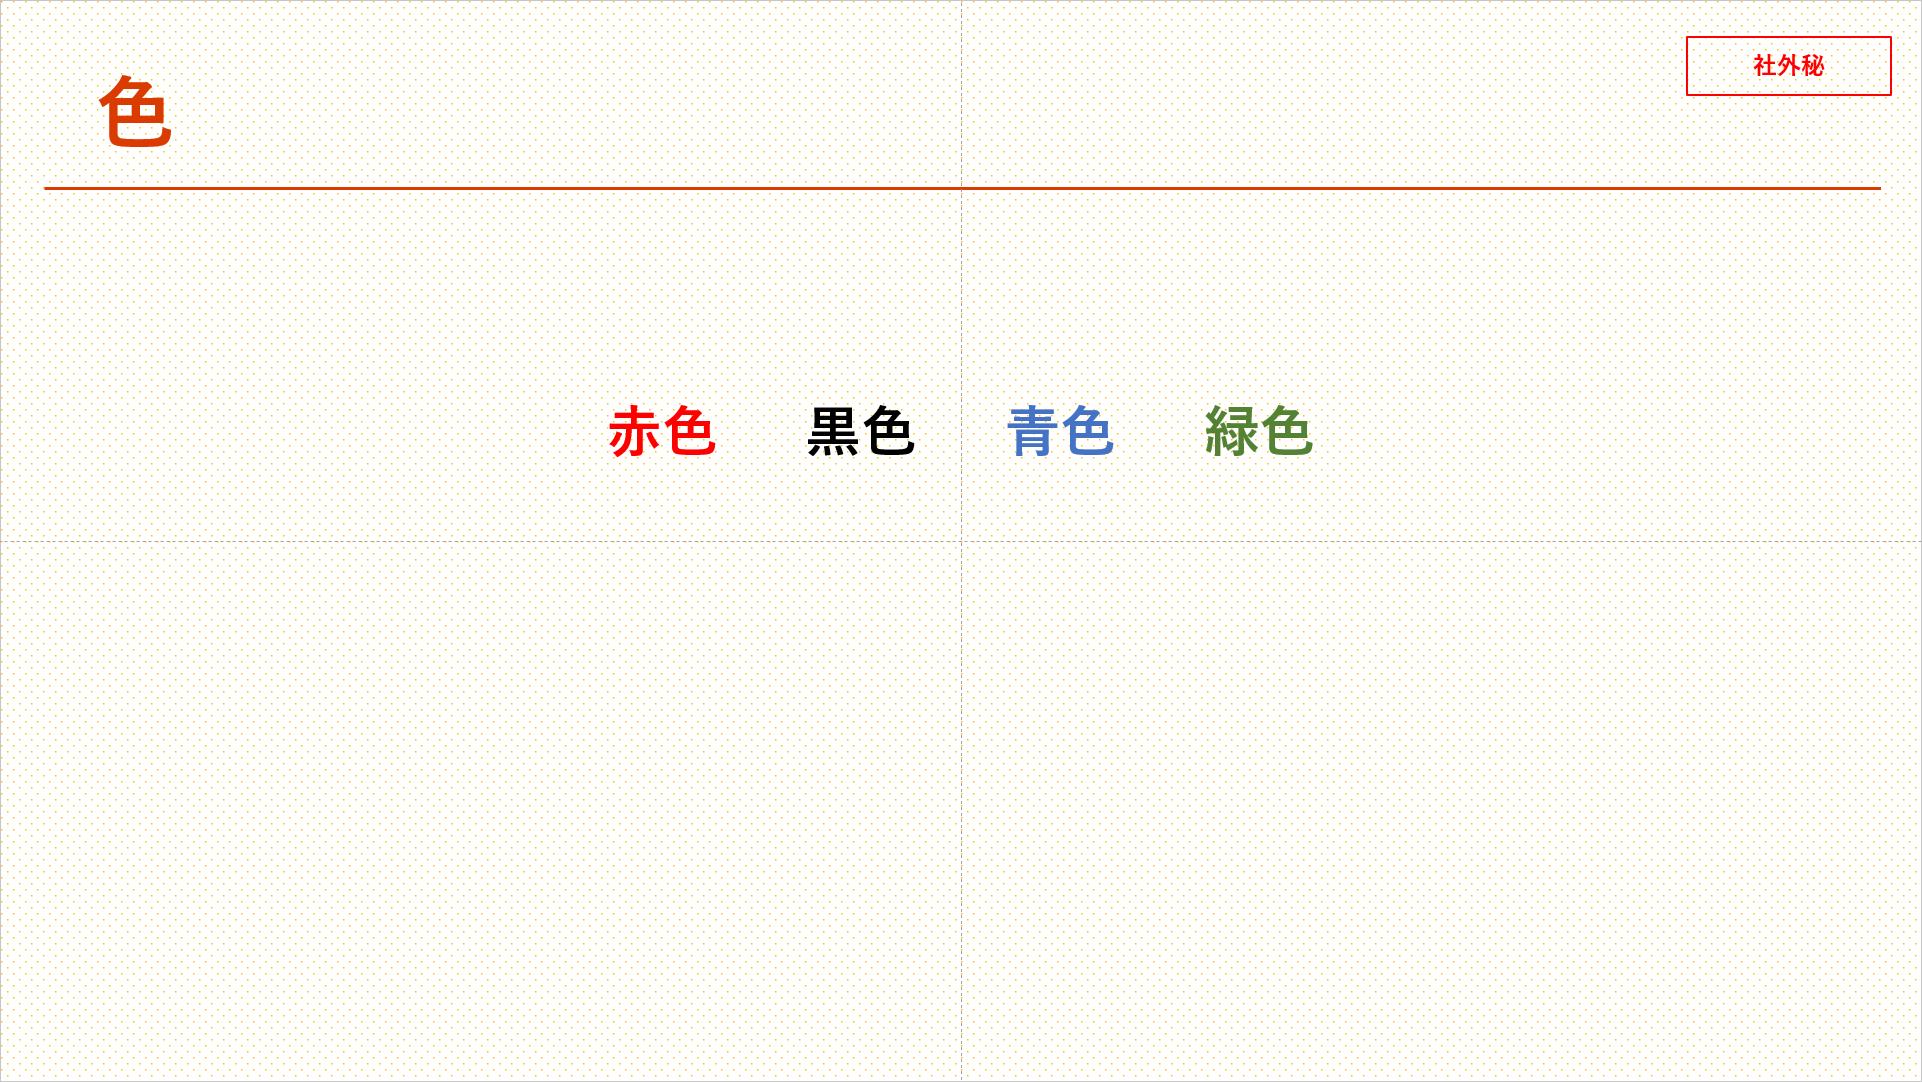 4色の文字